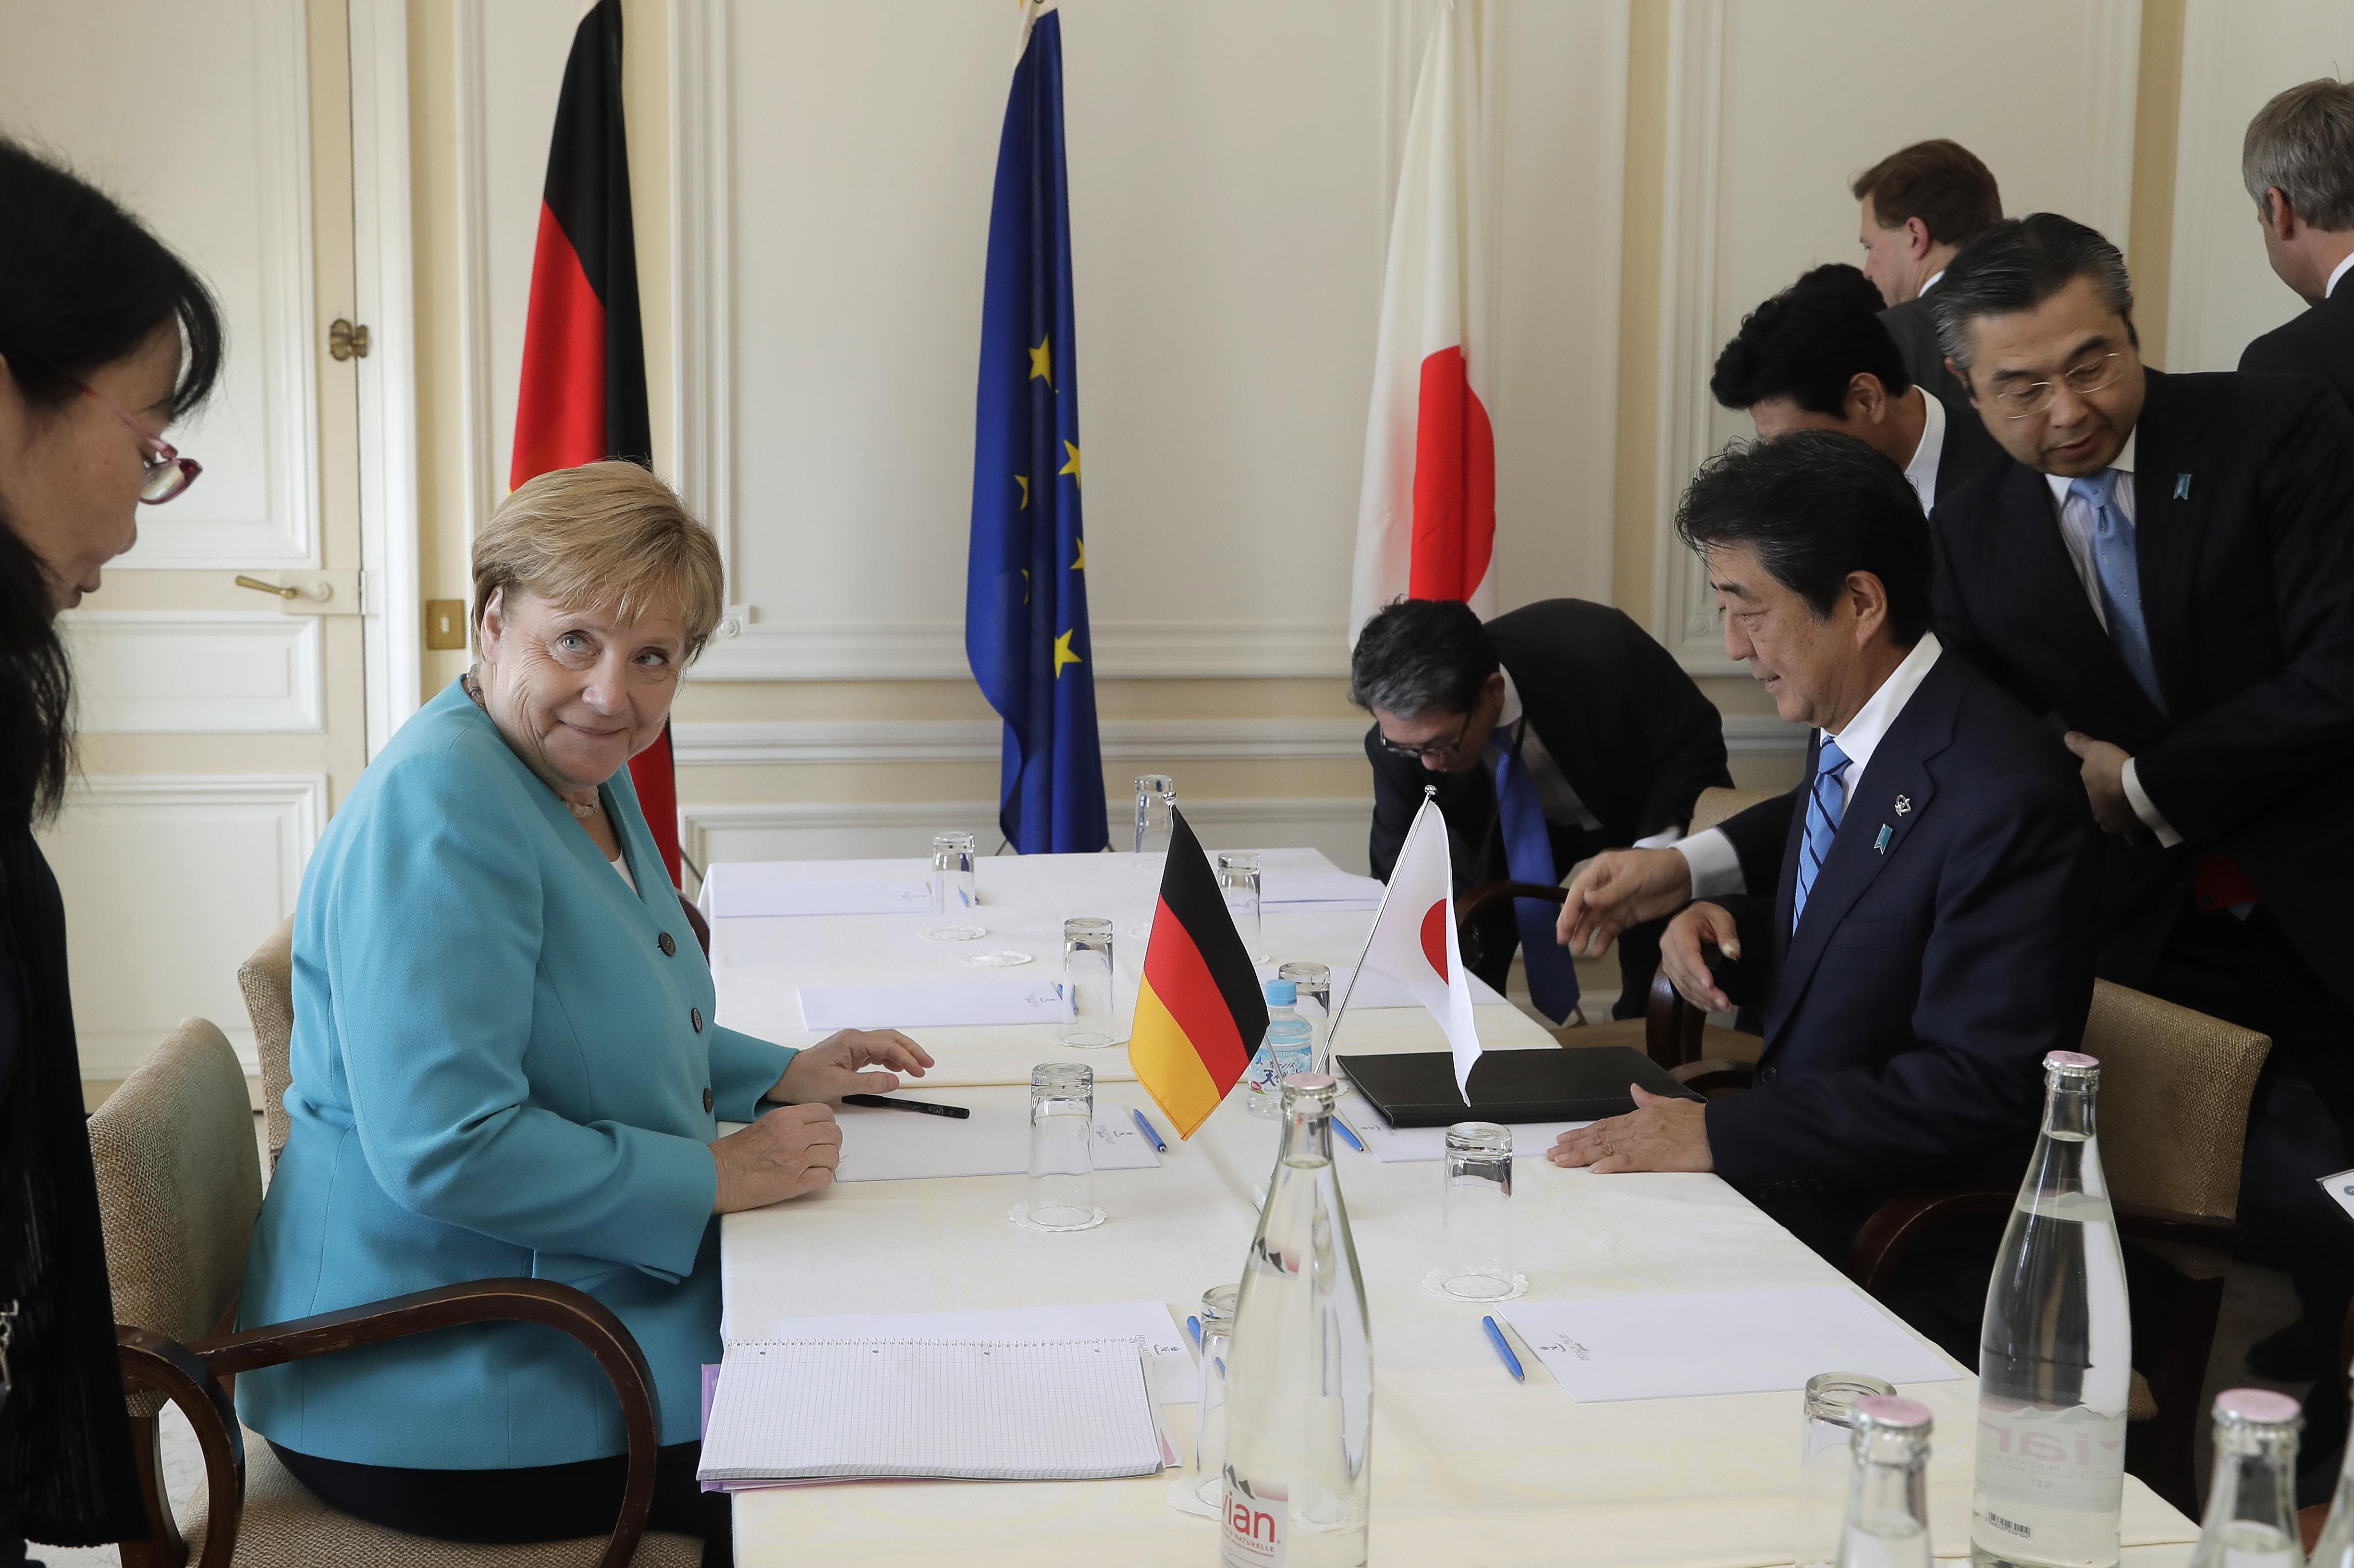 Angela Merkel sonríe en una reunión con el premier Shinzo Abe